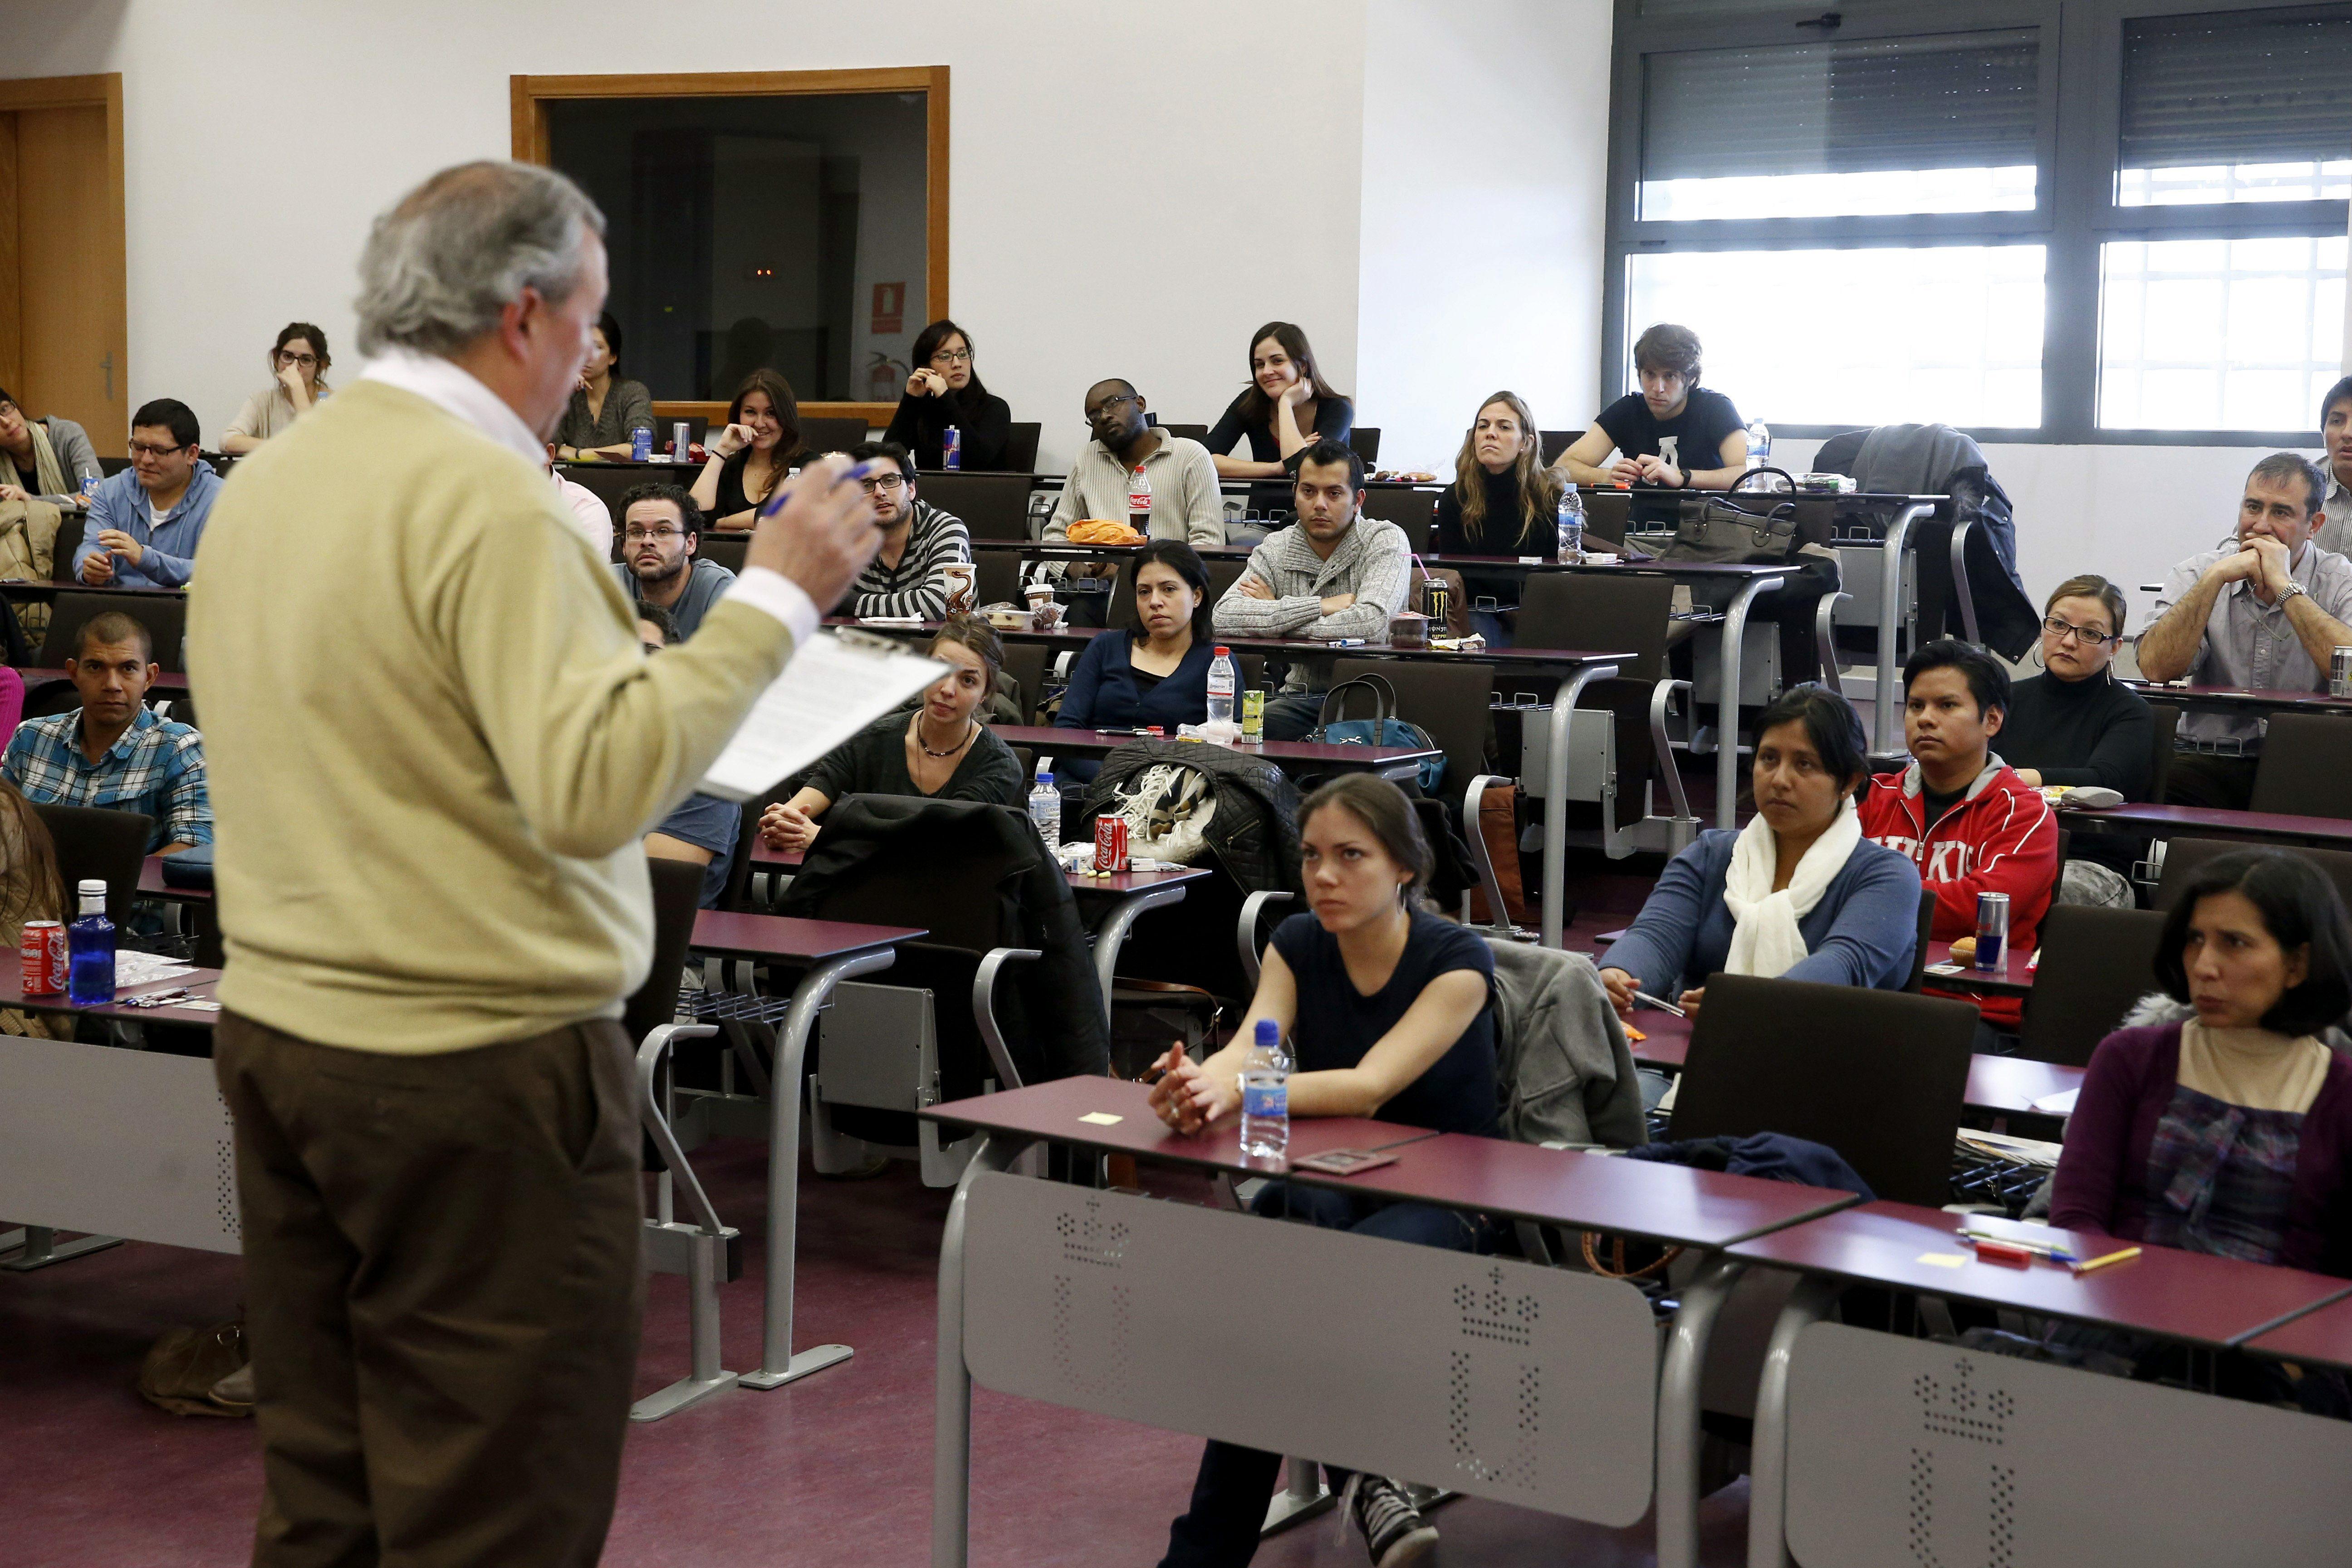 Wert quiere que un tercio de los grados y la mitad de los posgrados sean bilingües